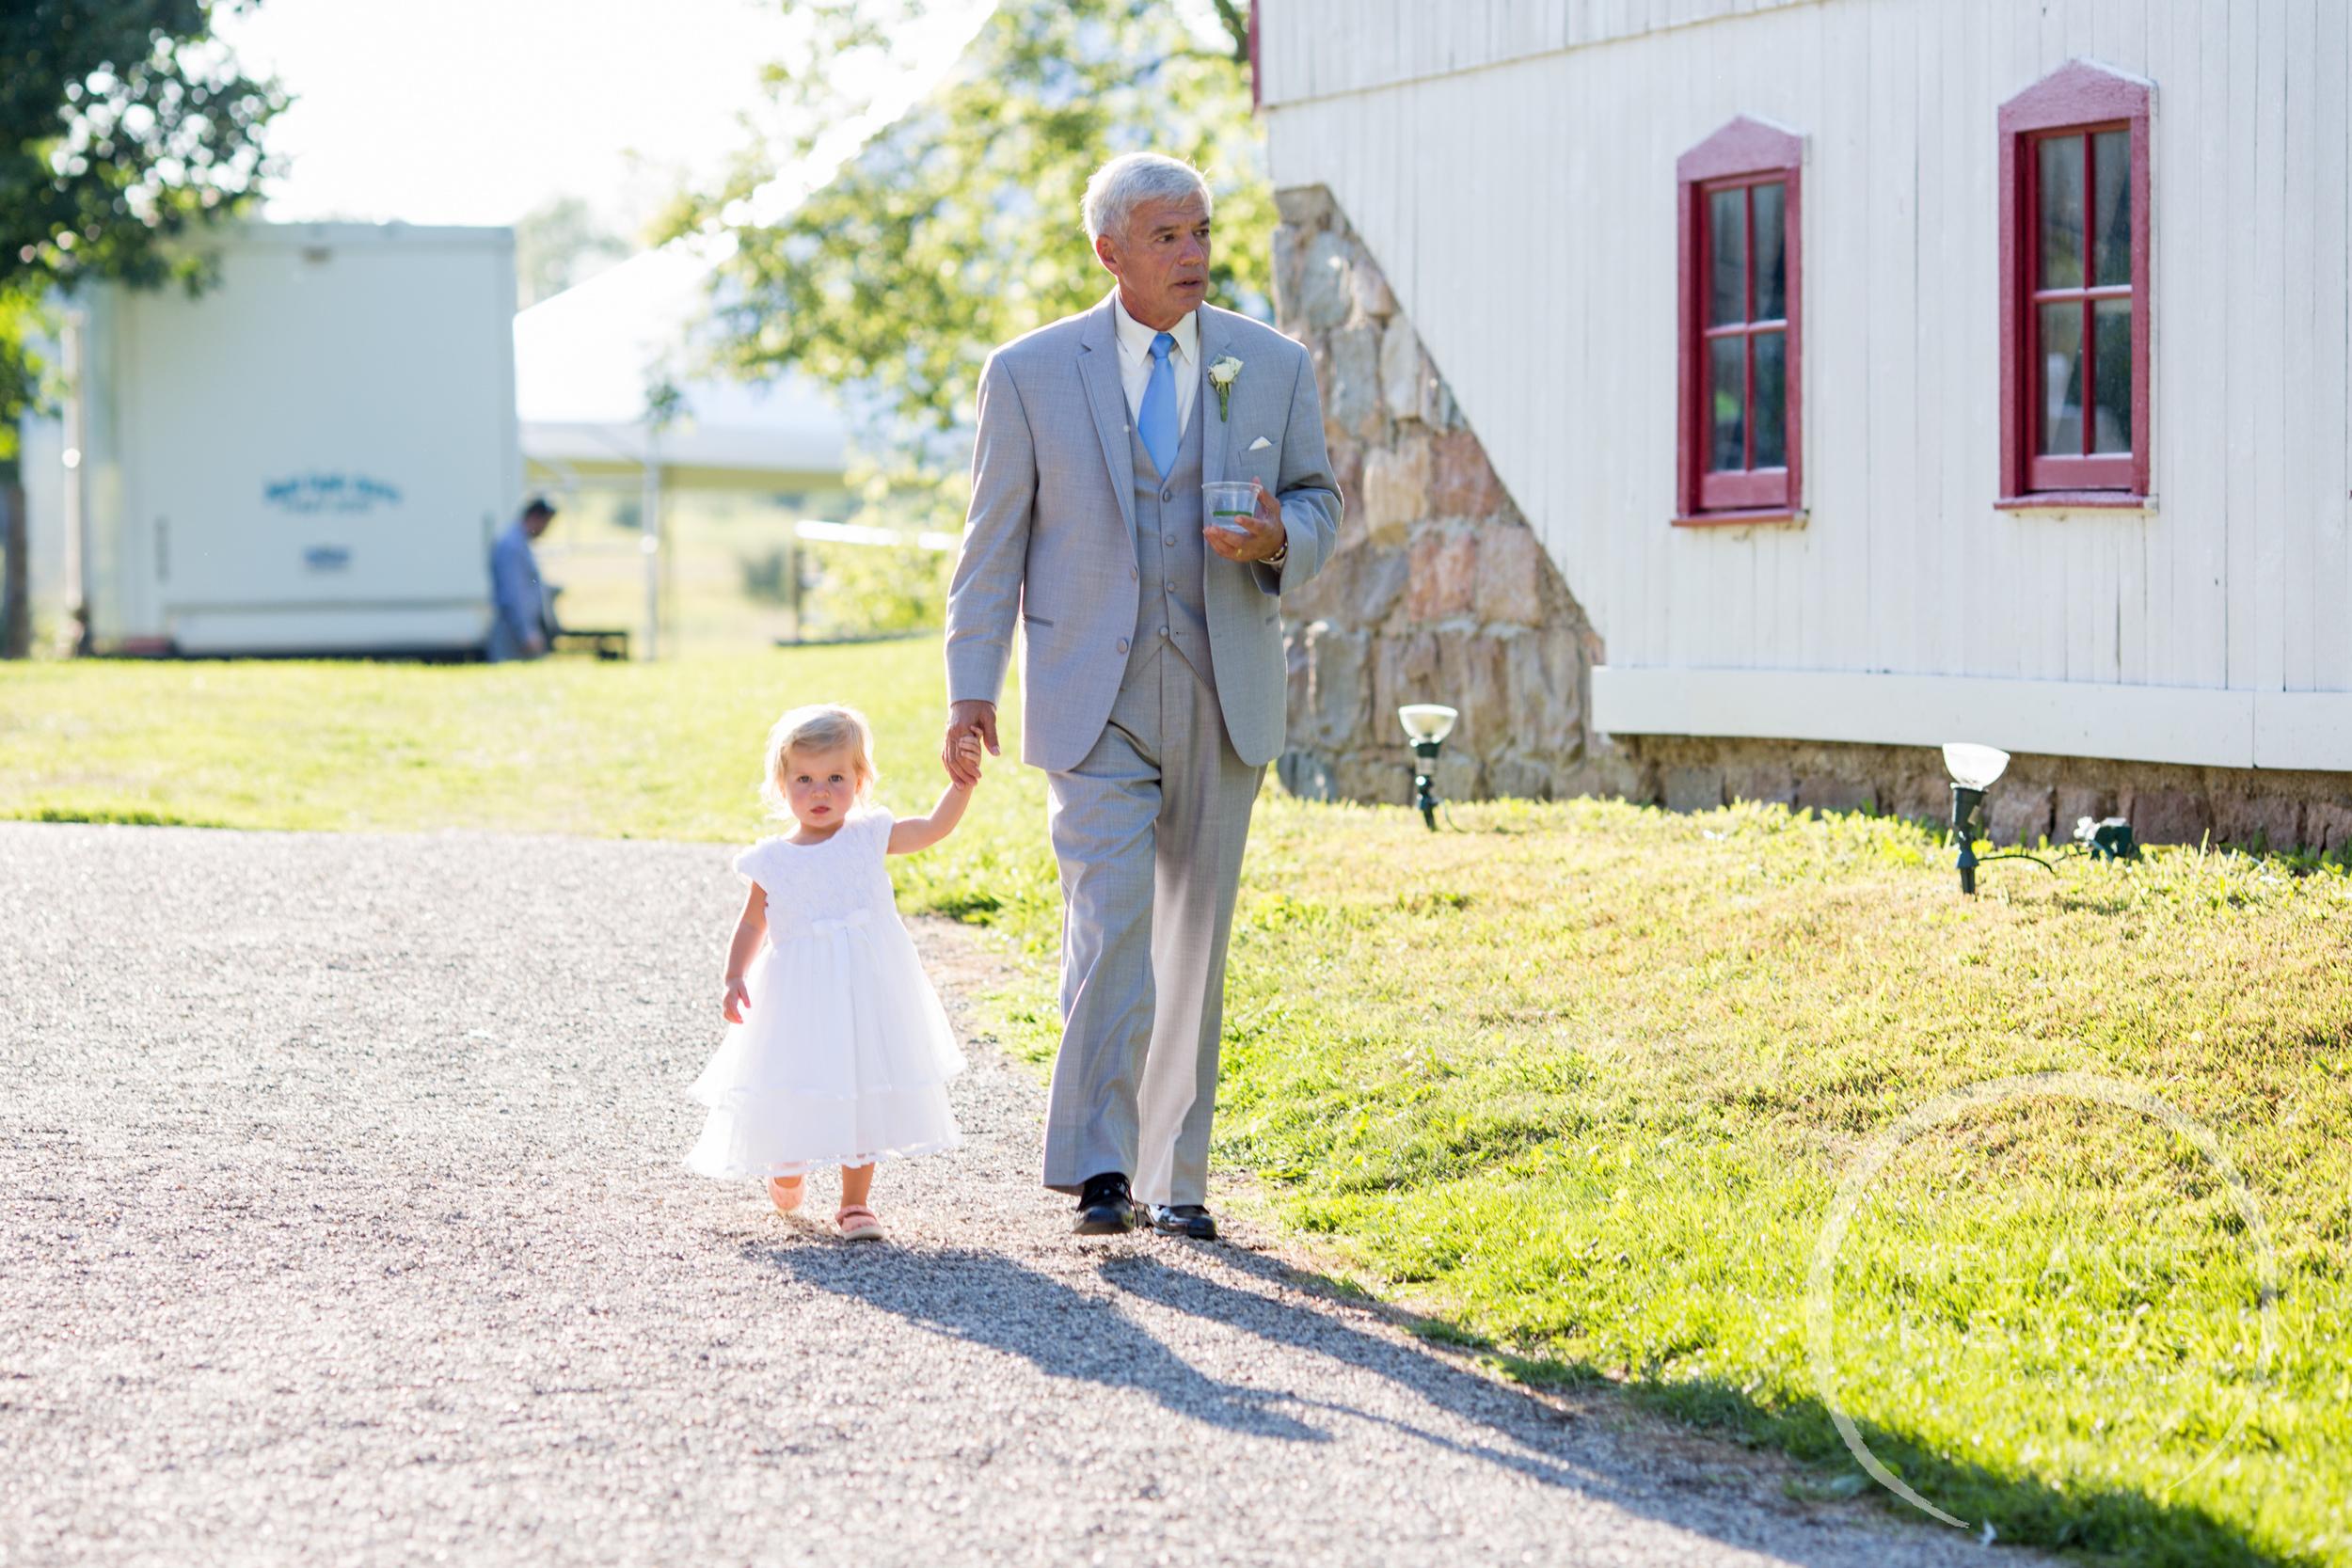 059_farm_wedding_melanie_reyes.JPG